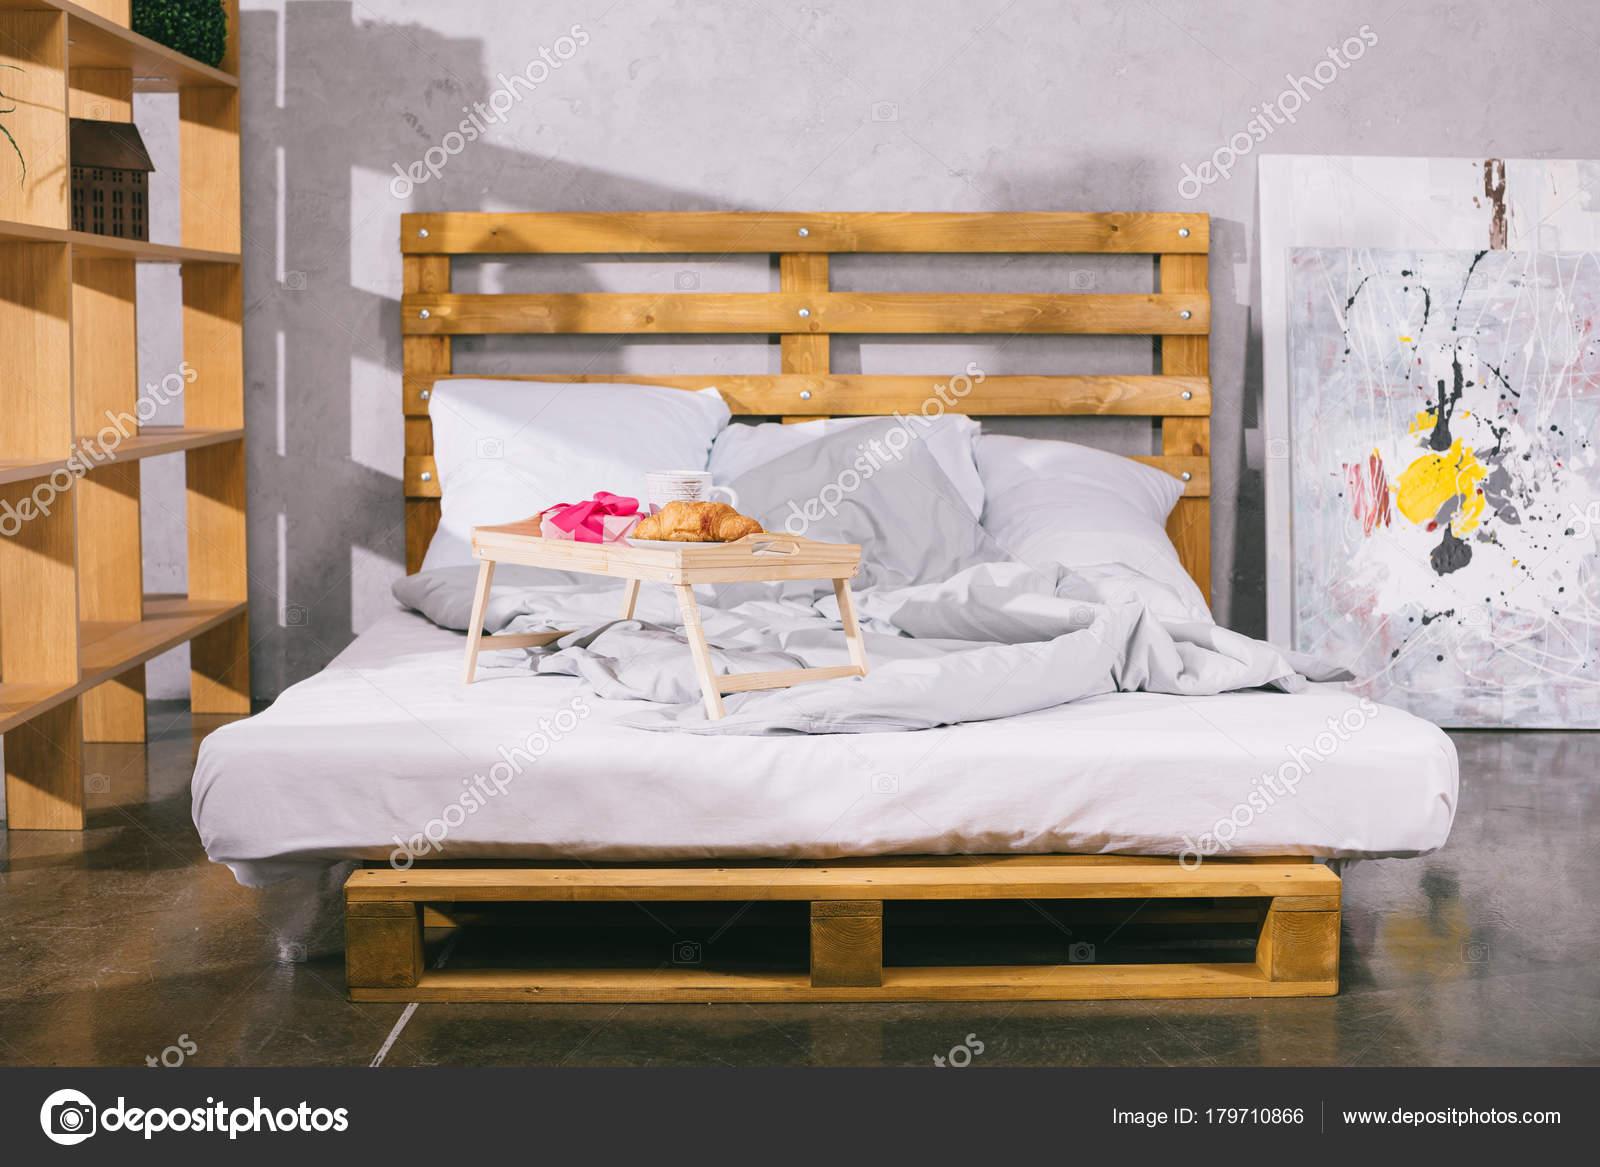 Bed Van Pallets : Dienblad met ontbijt huidige vak bed van pallets u stockfoto